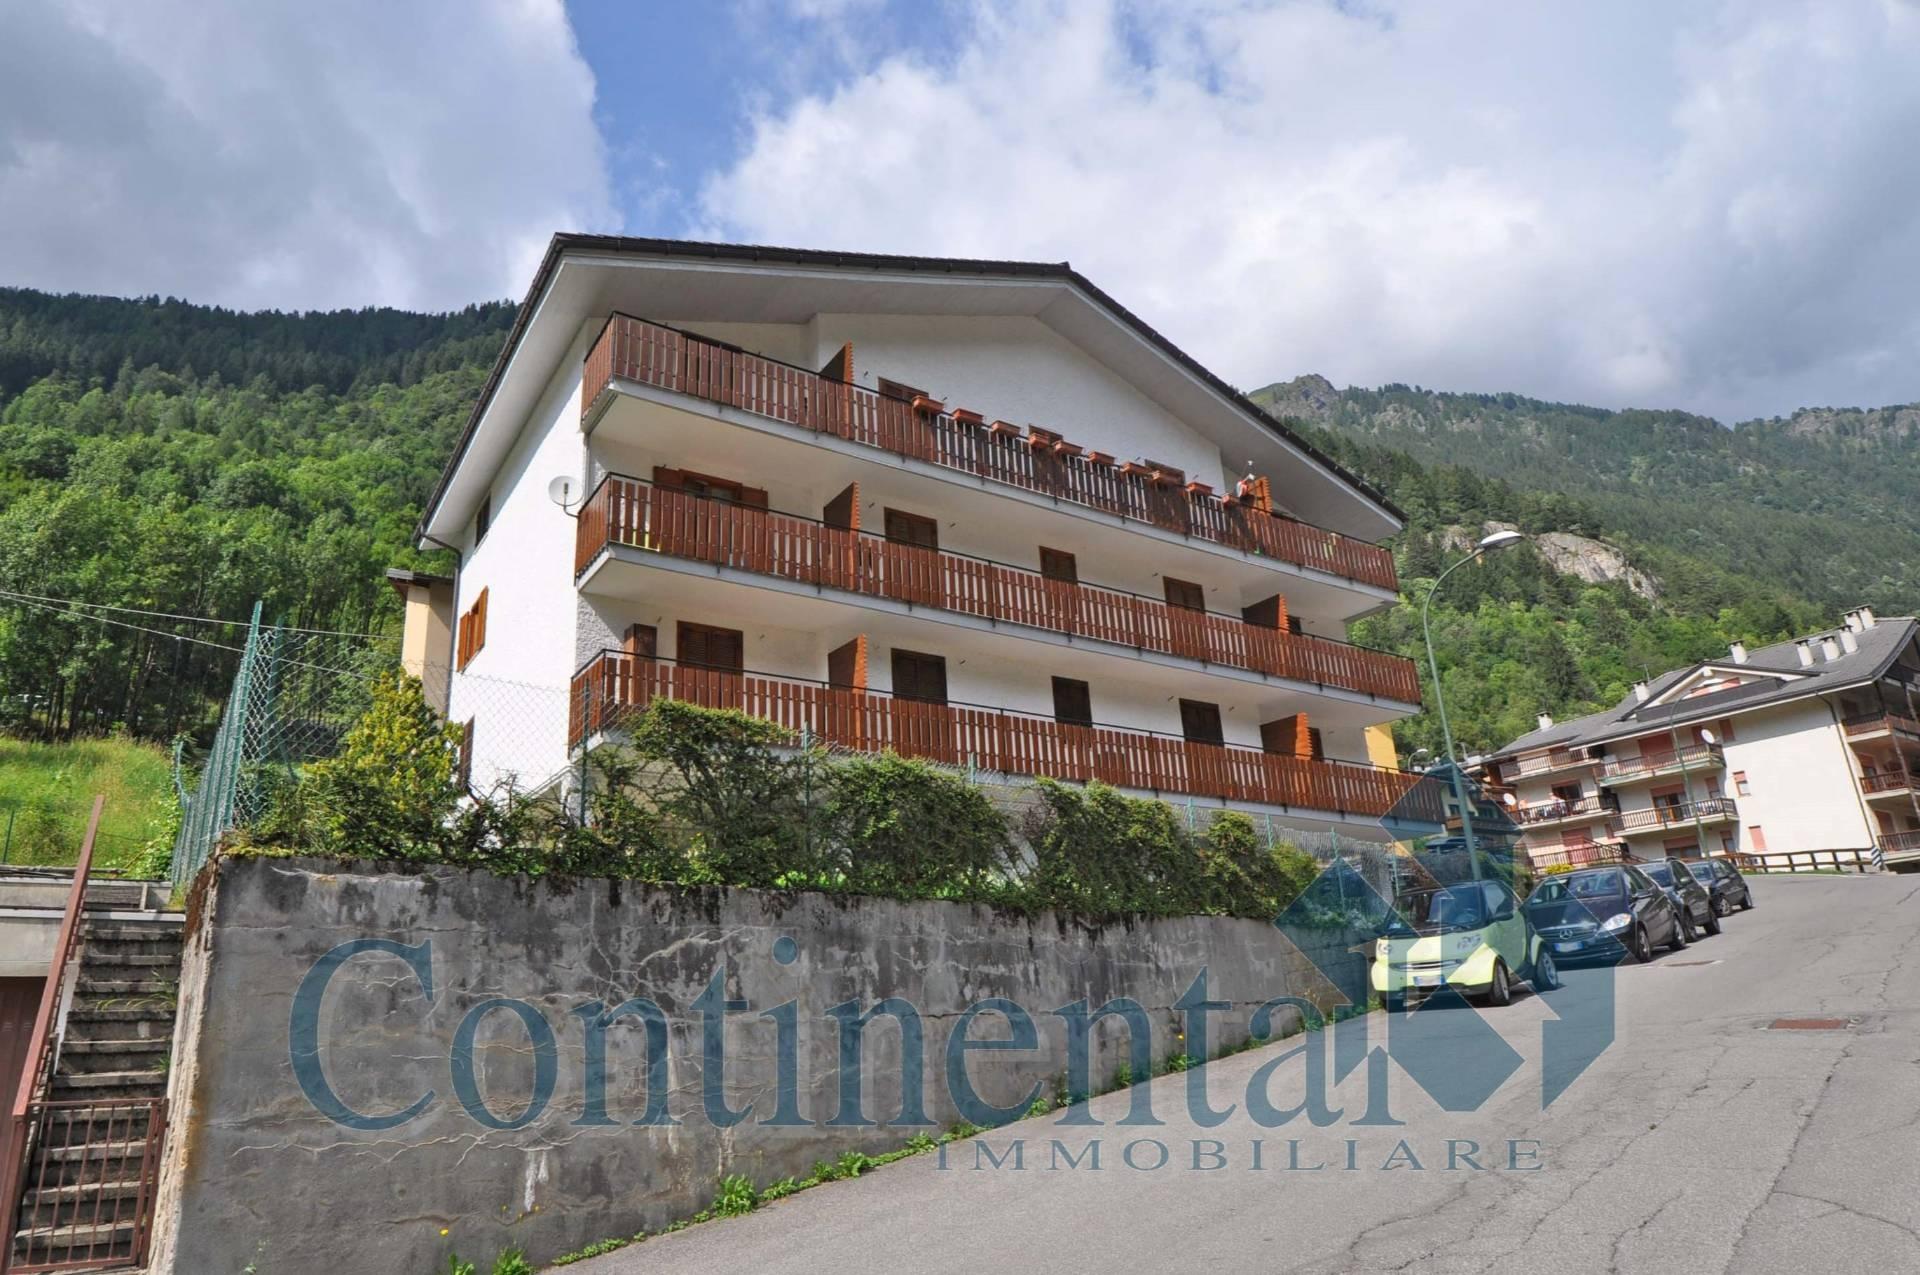 Appartamento in vendita a Carona, 2 locali, prezzo € 85.000 | PortaleAgenzieImmobiliari.it